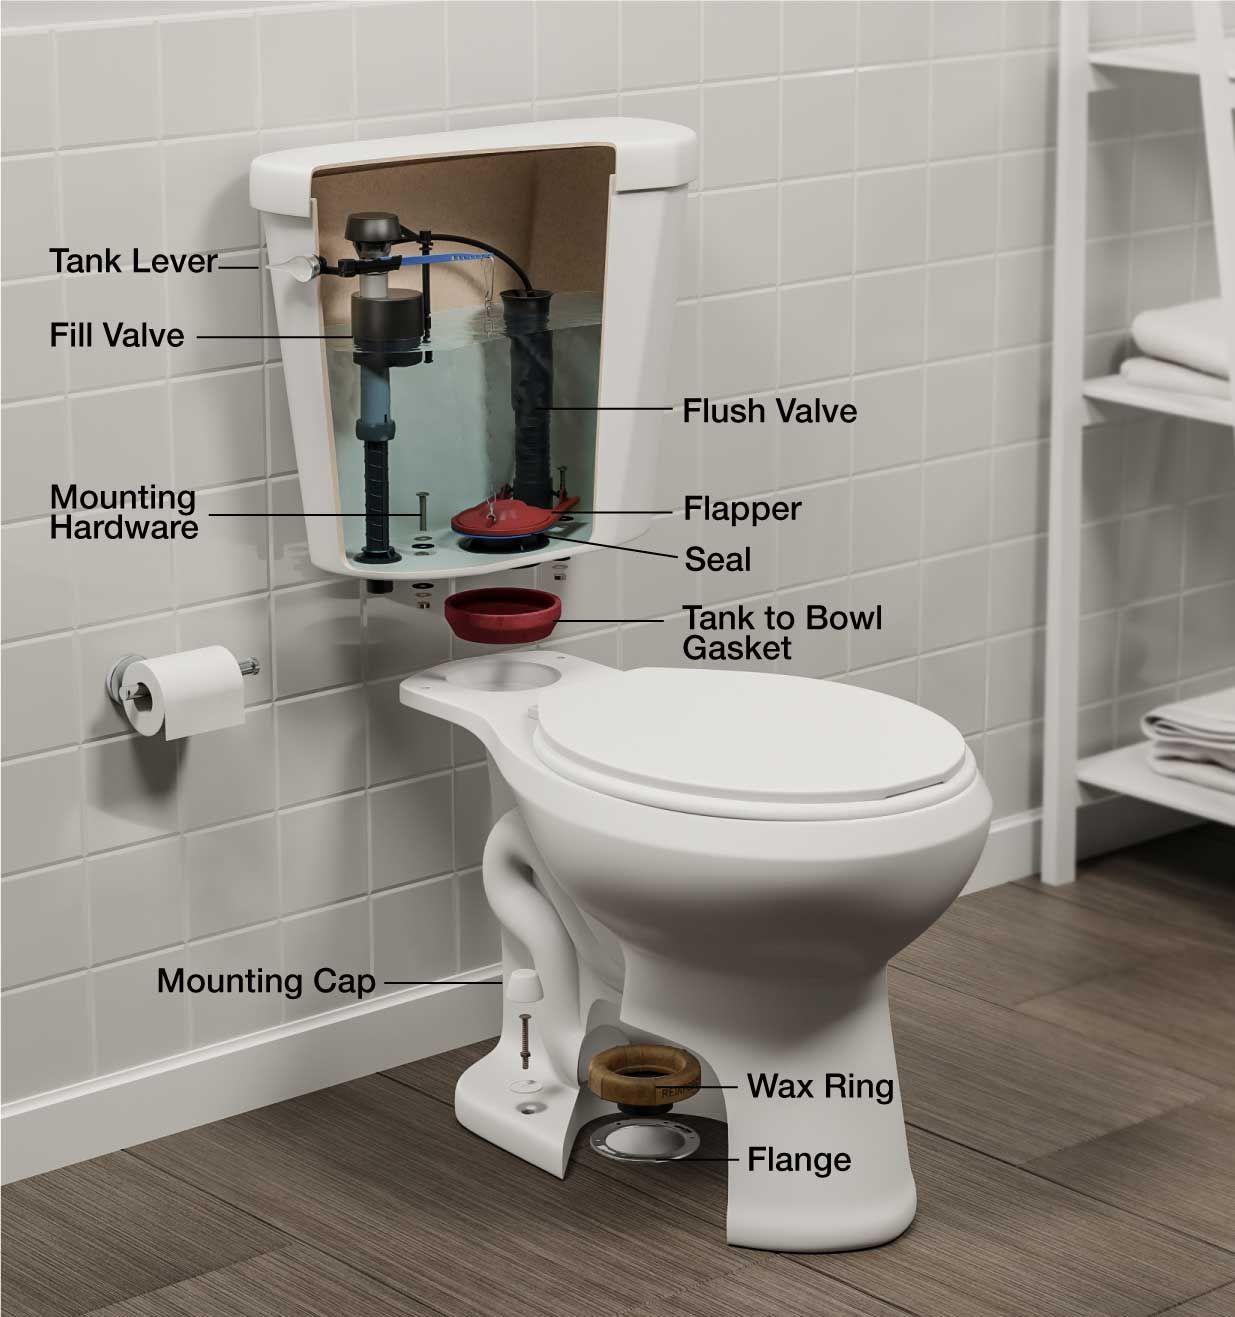 Toilet Parts Gray Bathroom Accessories Home Depot Bathroom Simple Bathroom Remodel